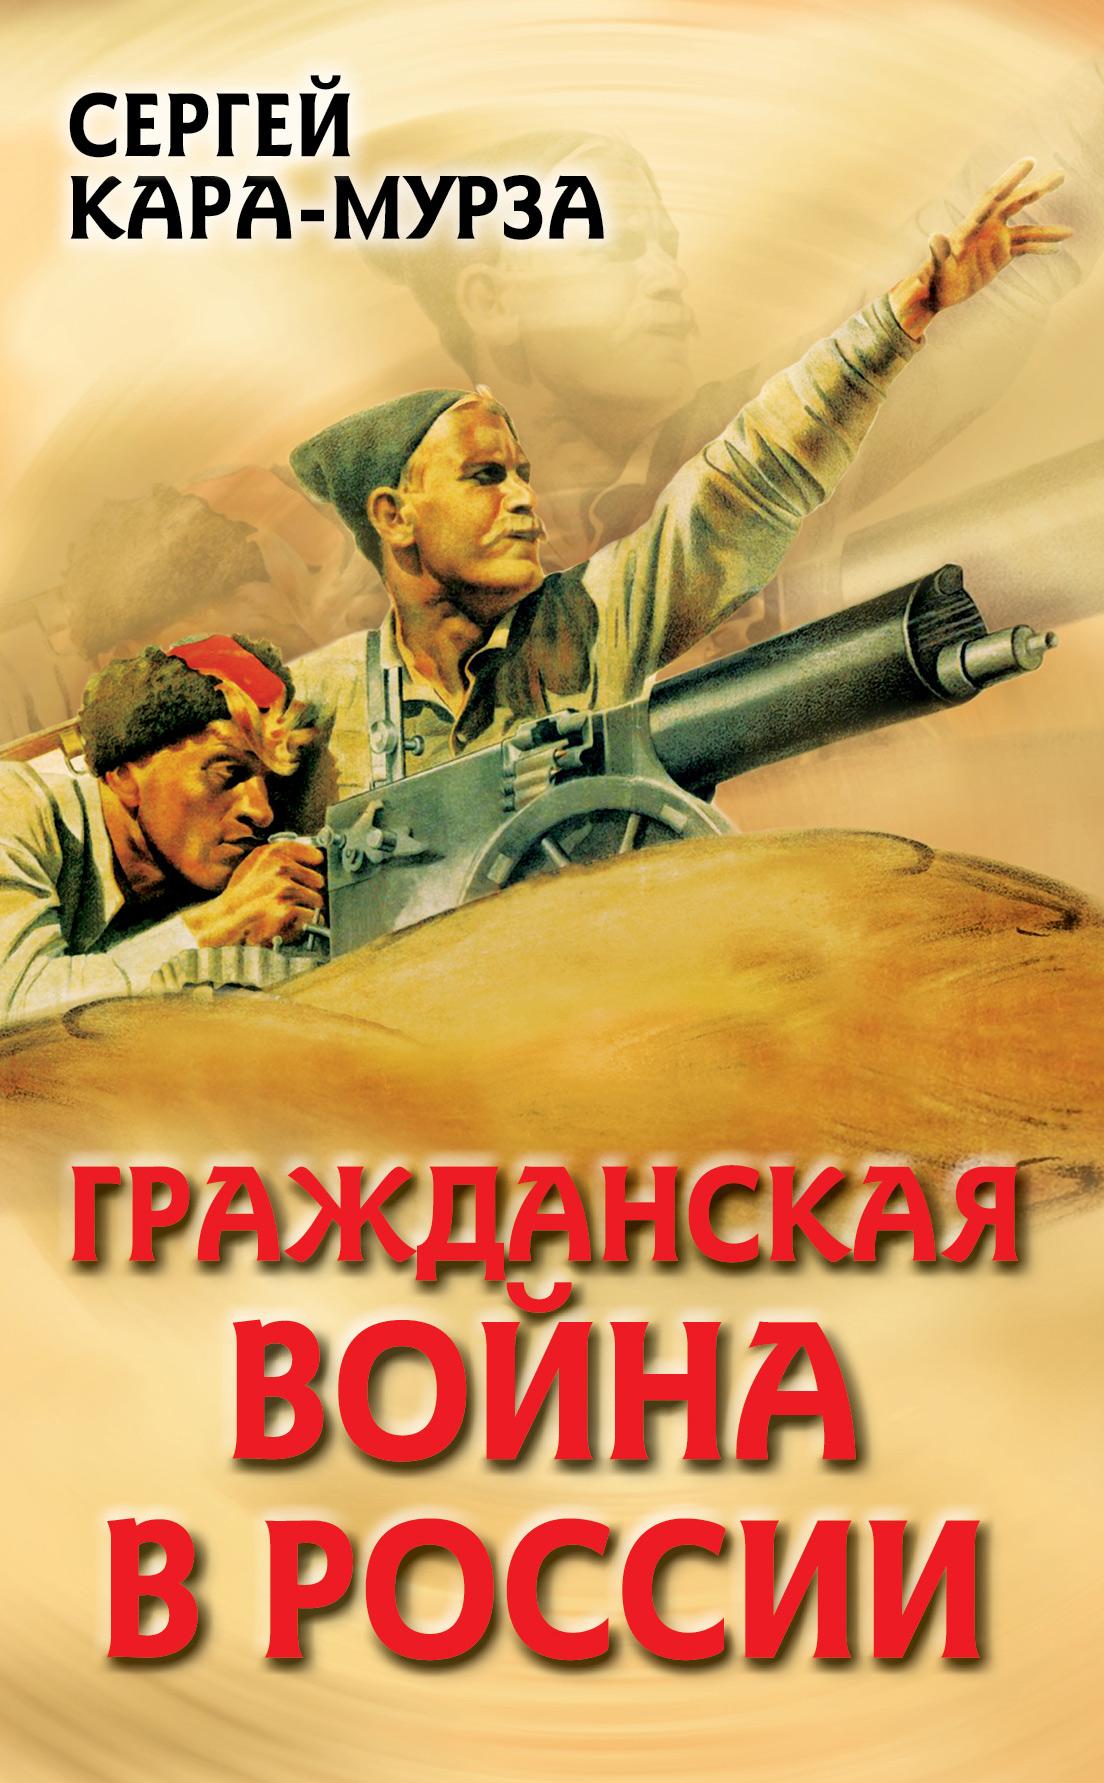 Сергей Кара-Мурза Гражданская война в России сергей кара мурза гражданская война в россии